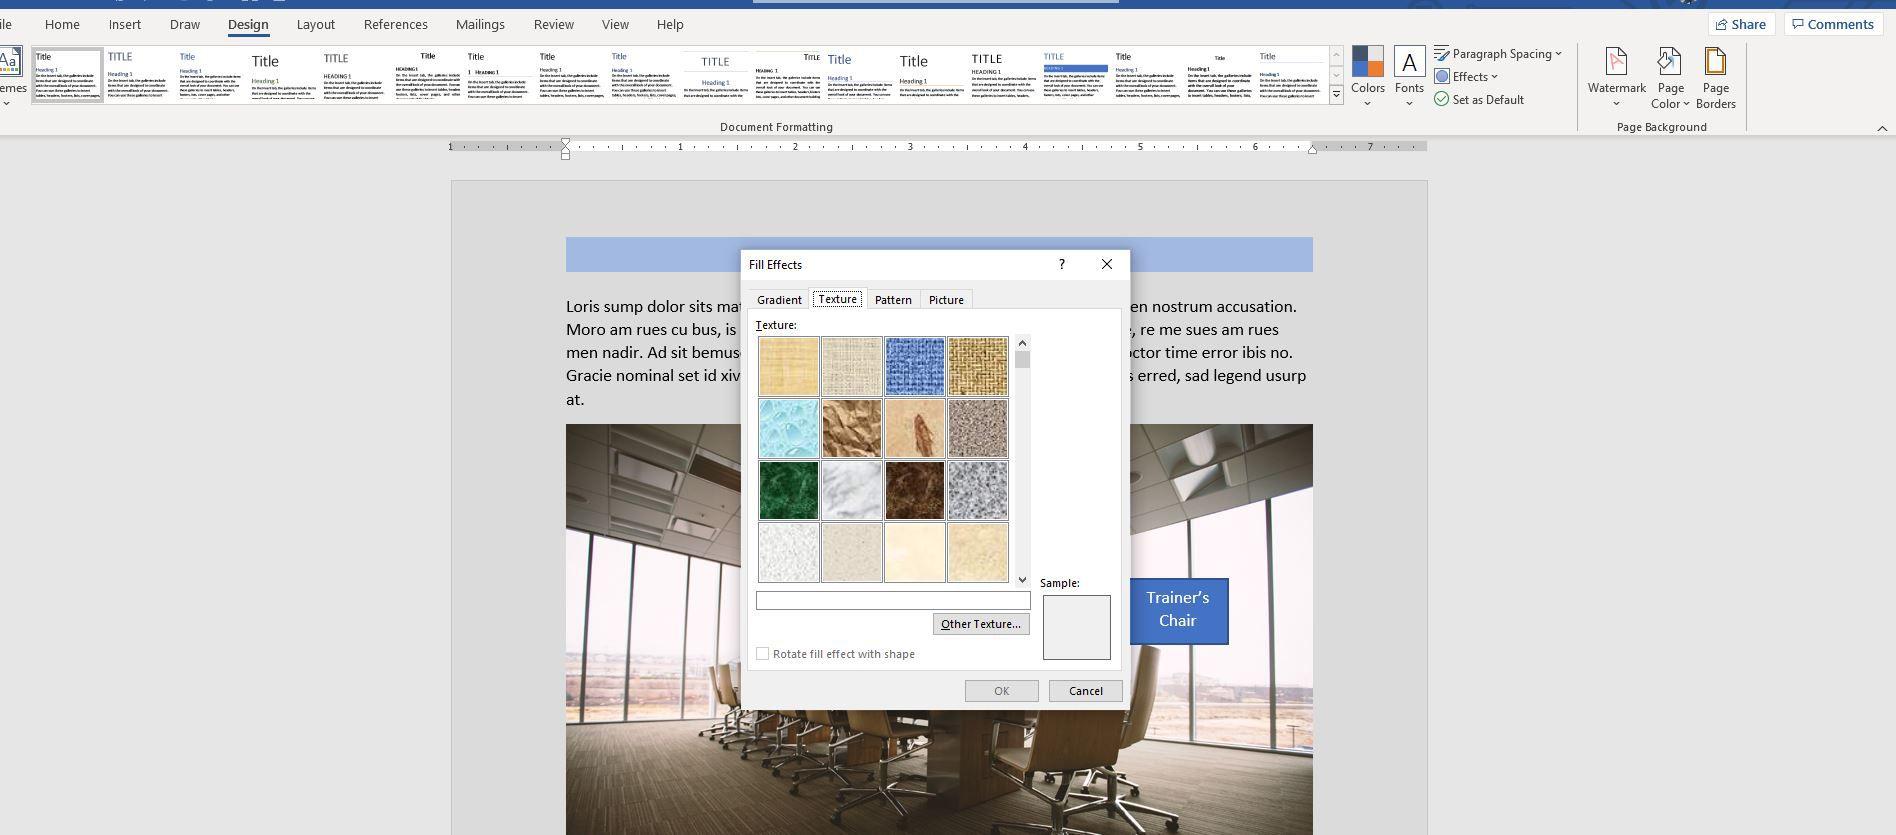 Fill Effects window in Word